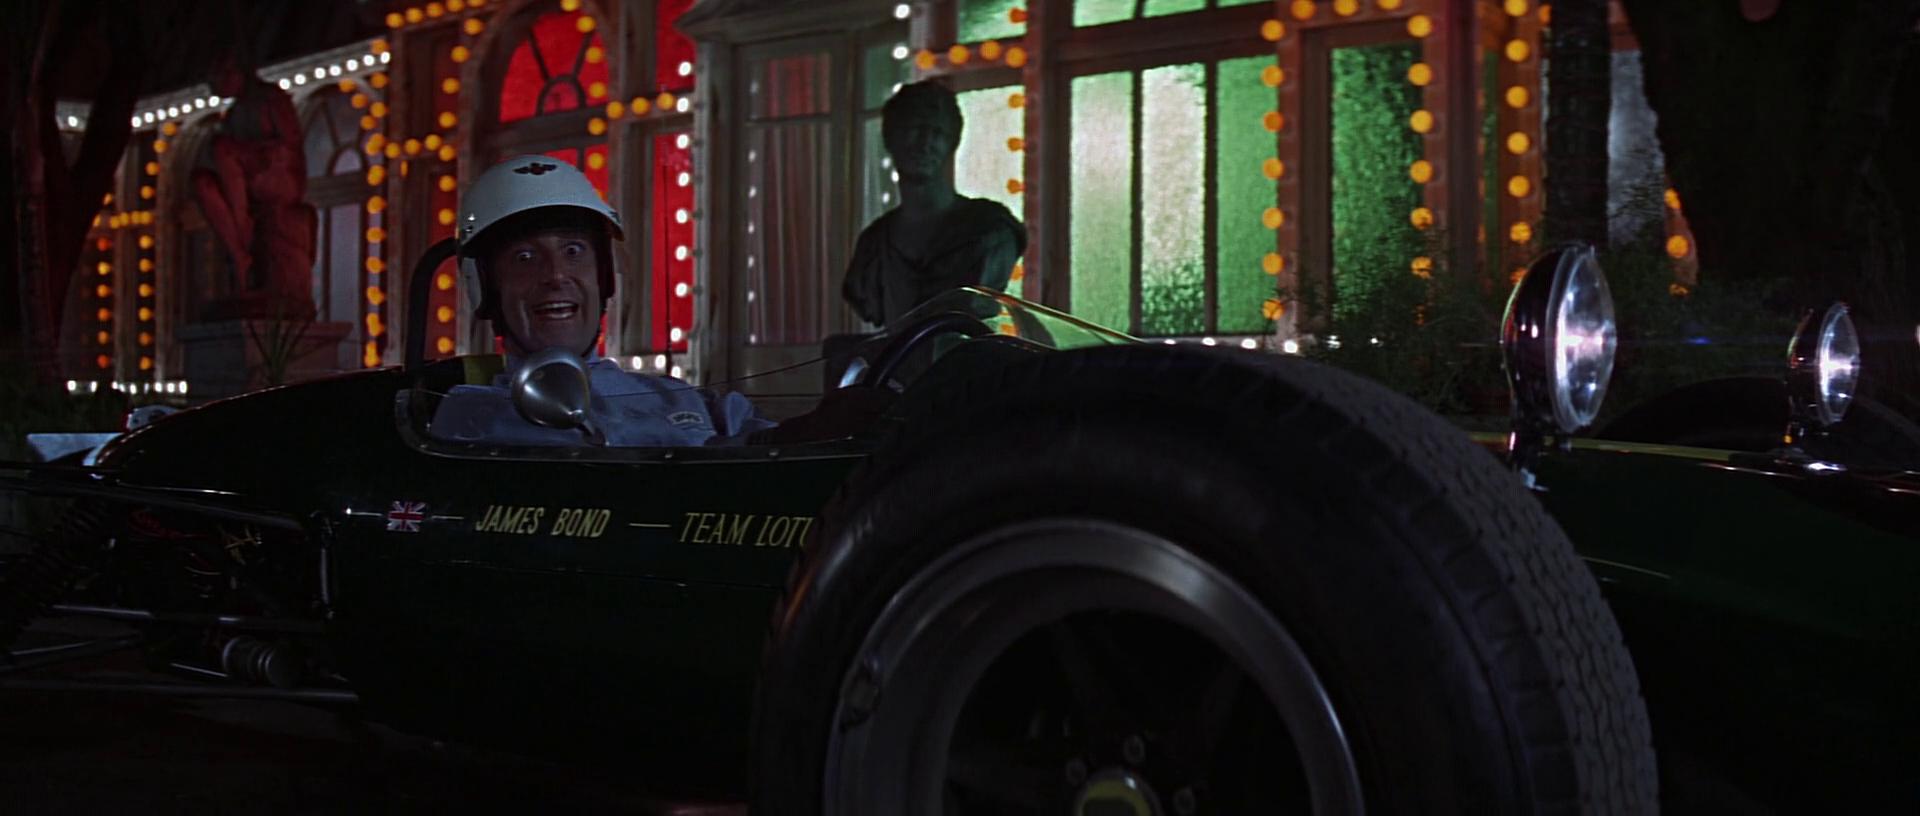 Lotus Formula 3 | James Bond Wiki | FANDOM powered by Wikia